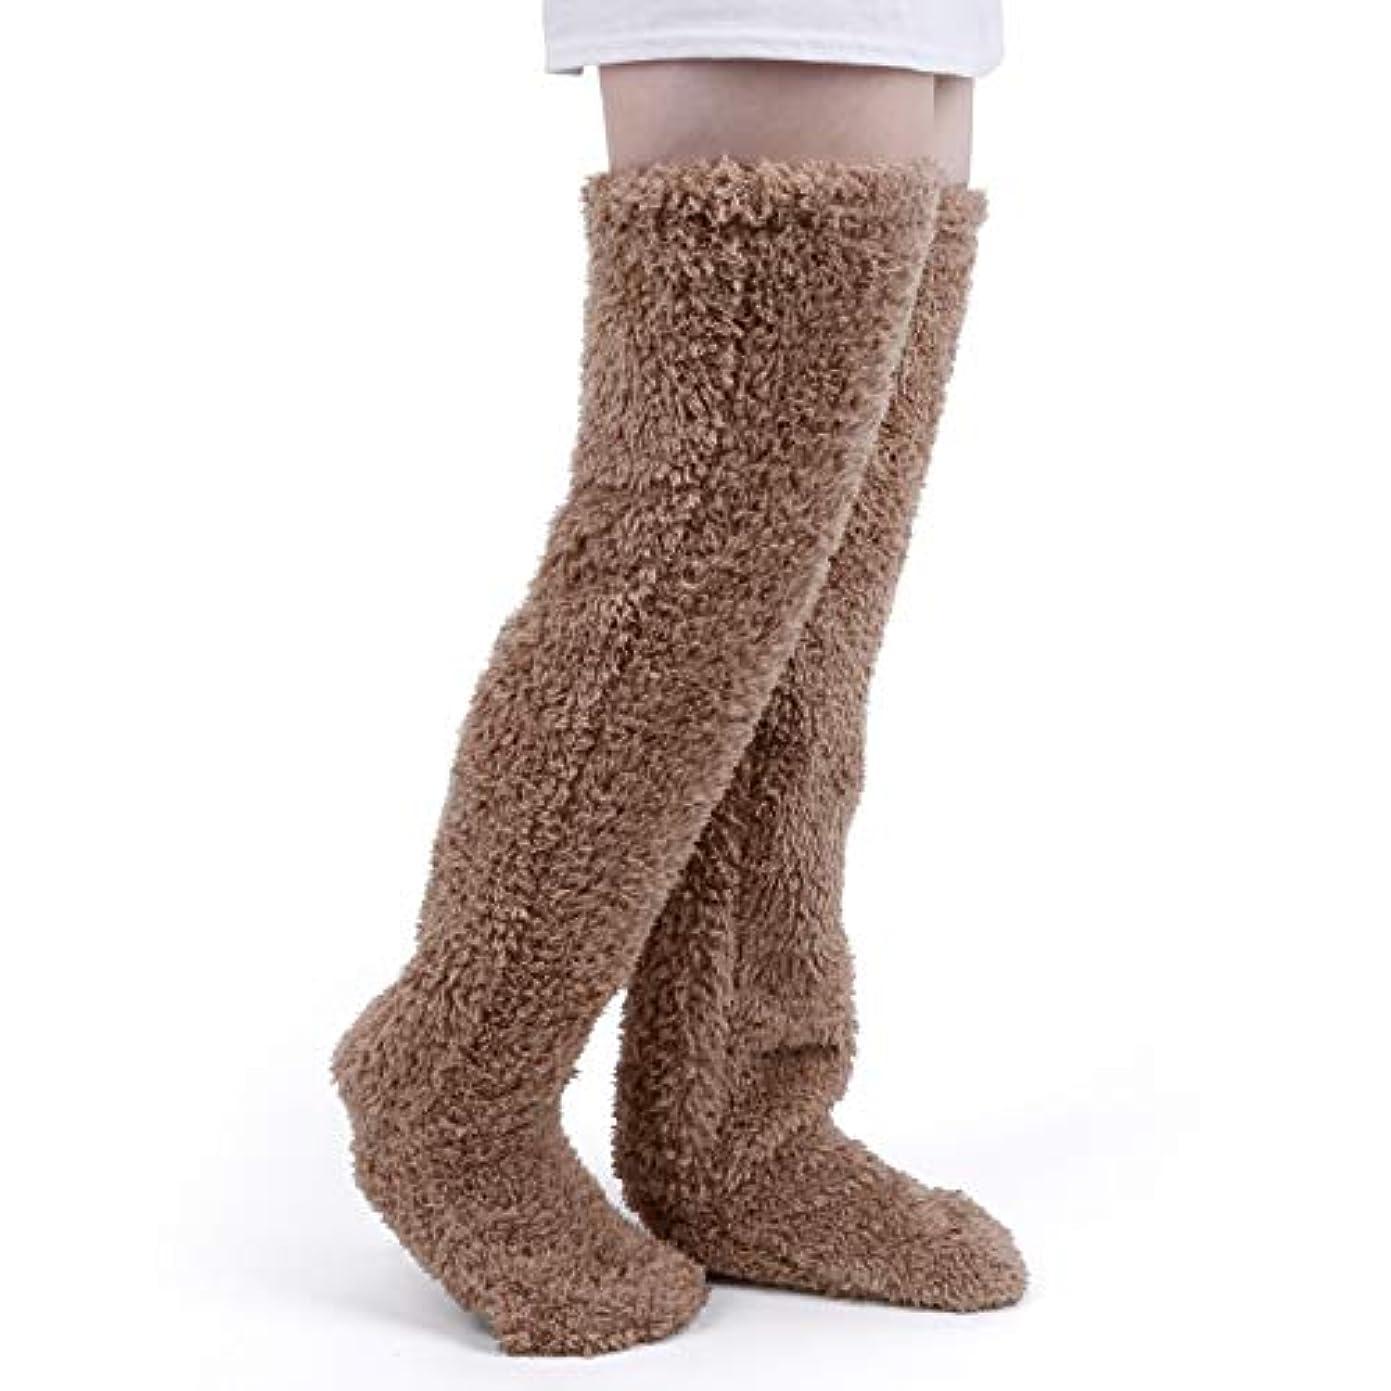 沿ってれんが冷凍庫極暖 足が出せるロングカバー HIMETSUYA ルームシューズ ルームソックス あったかグッズ ロングカバー 冷え性 靴下 ソックス 足の大きさ23~26.5cmまで (茶褐色)